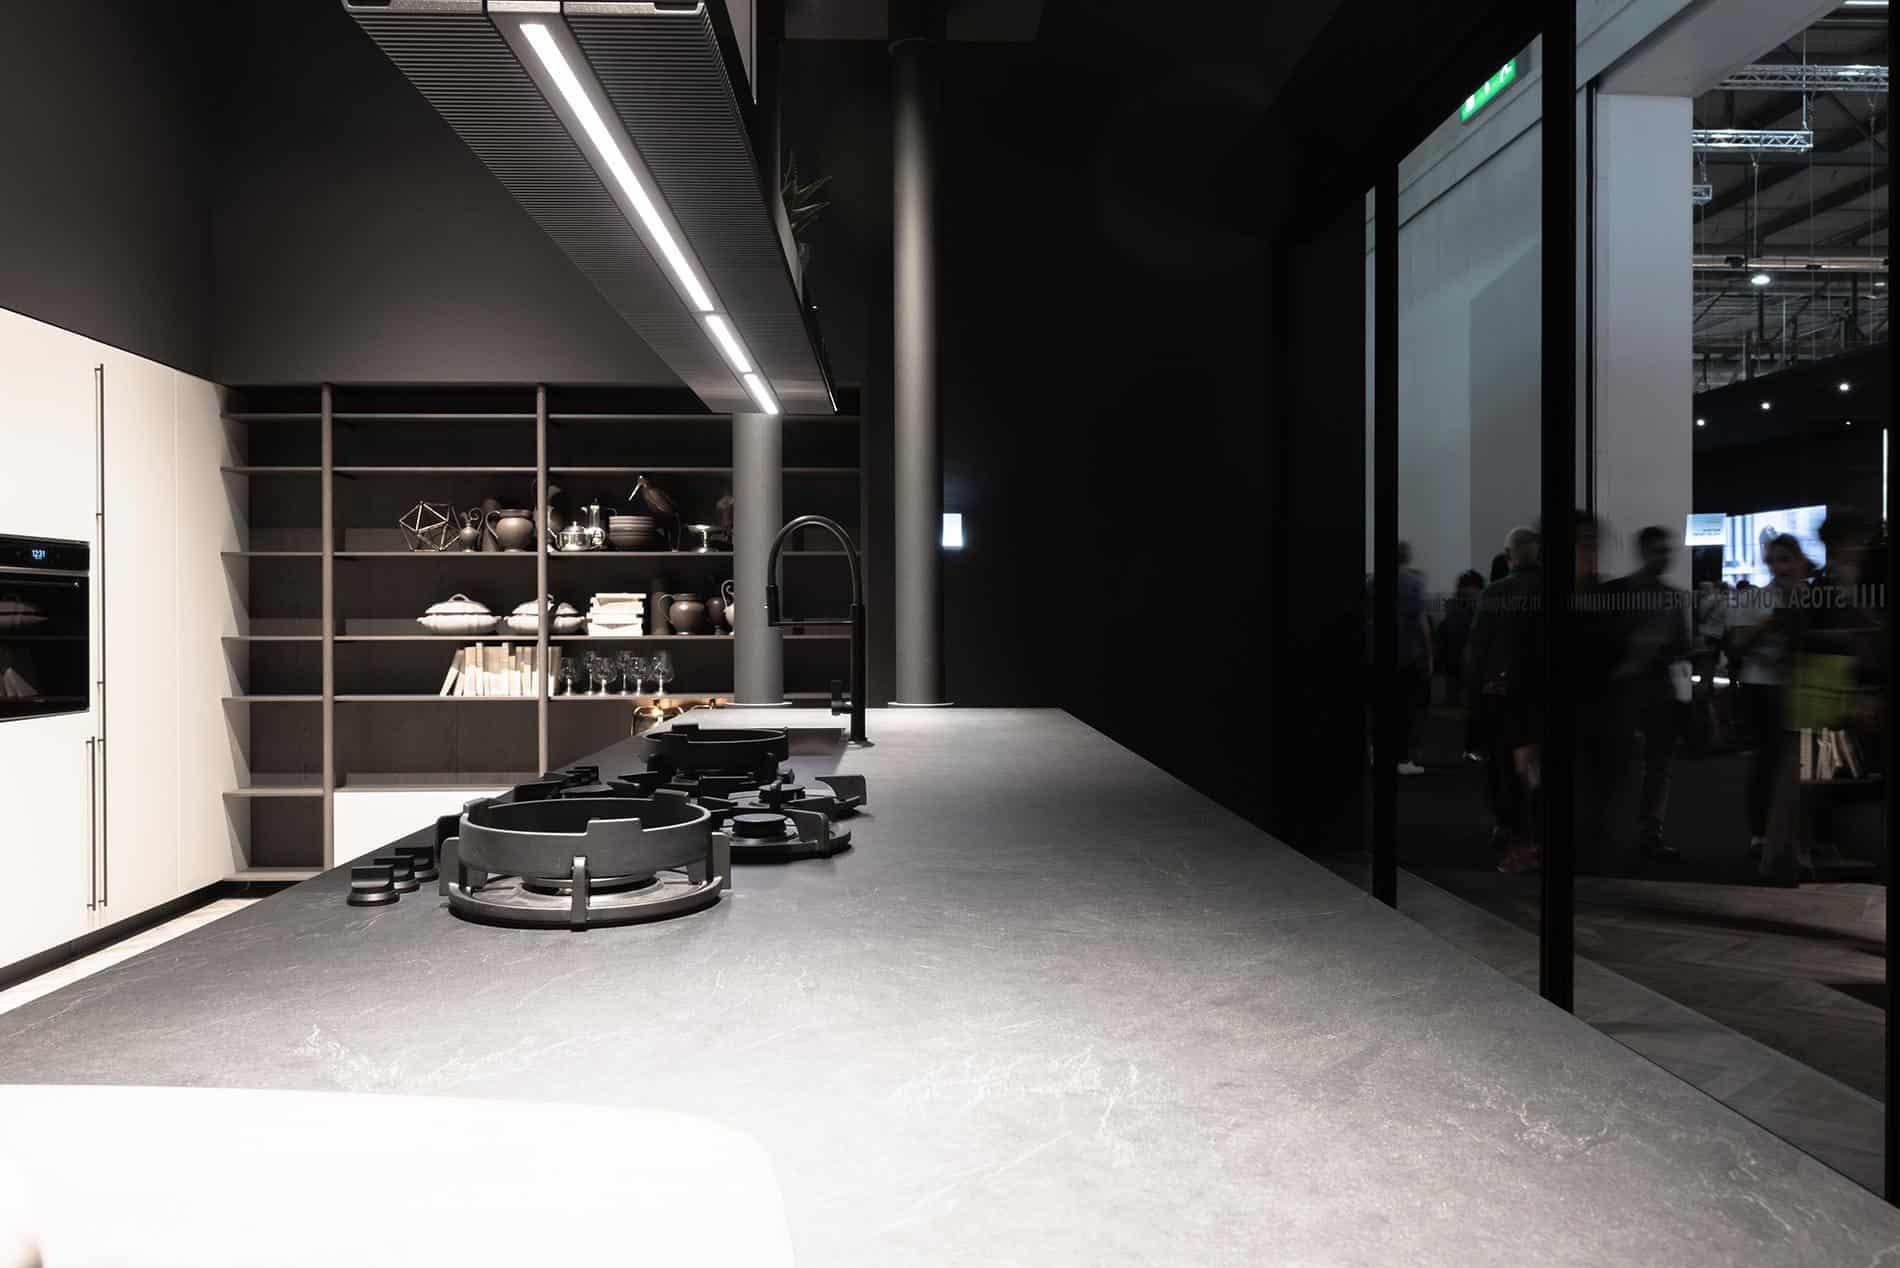 Stosa Cucine Salone del Mobile 2018